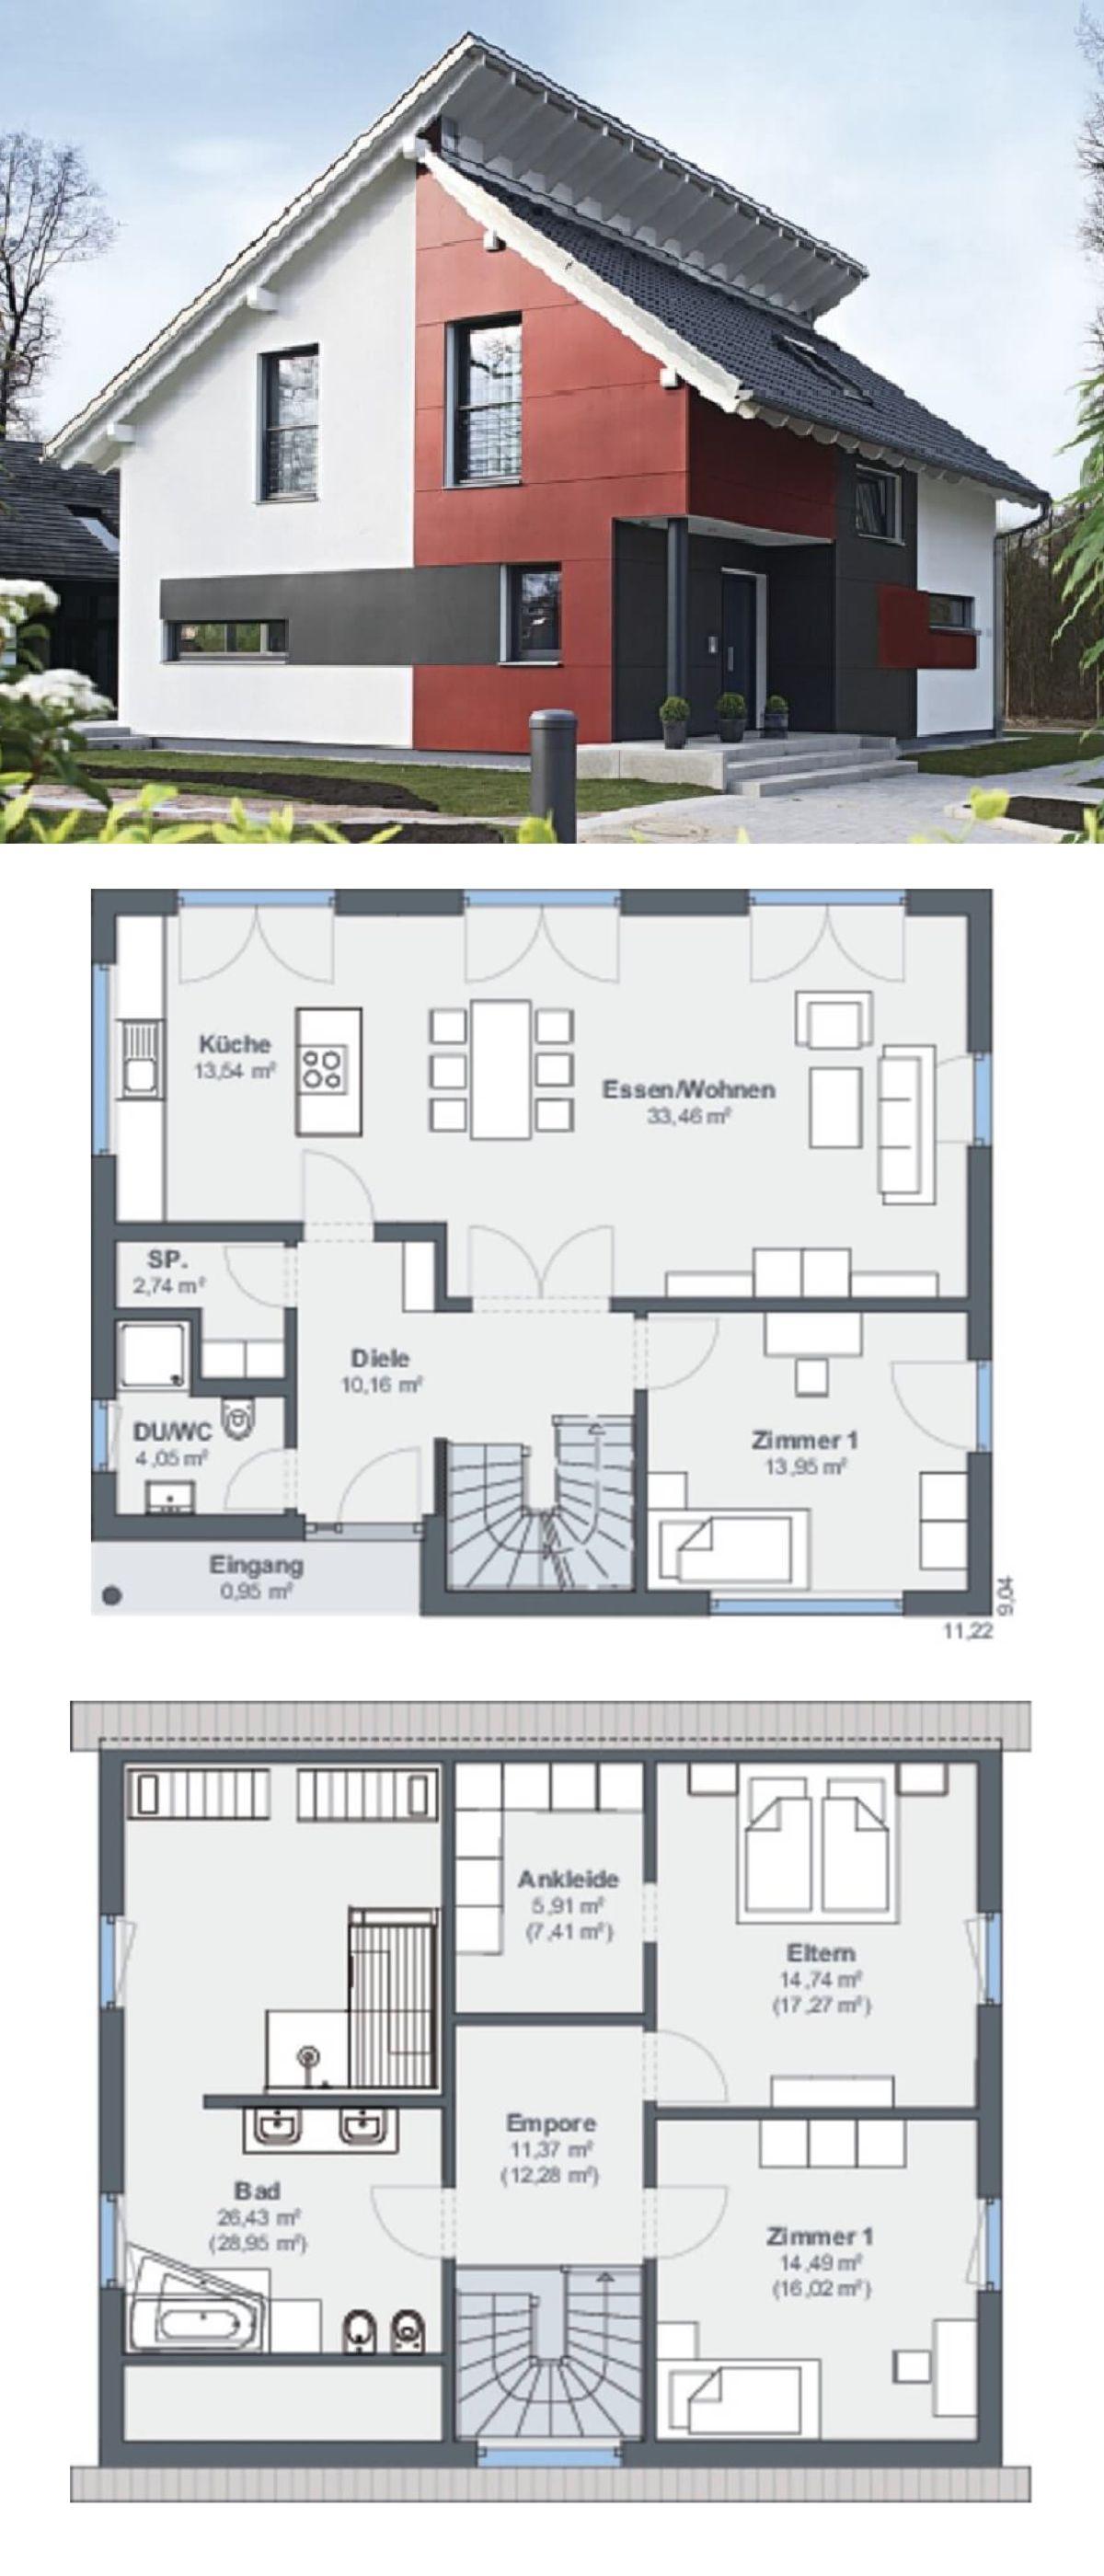 versetztes pultdach haus architektur modern mit putz fassade rot wei einfamilienhaus bauen. Black Bedroom Furniture Sets. Home Design Ideas